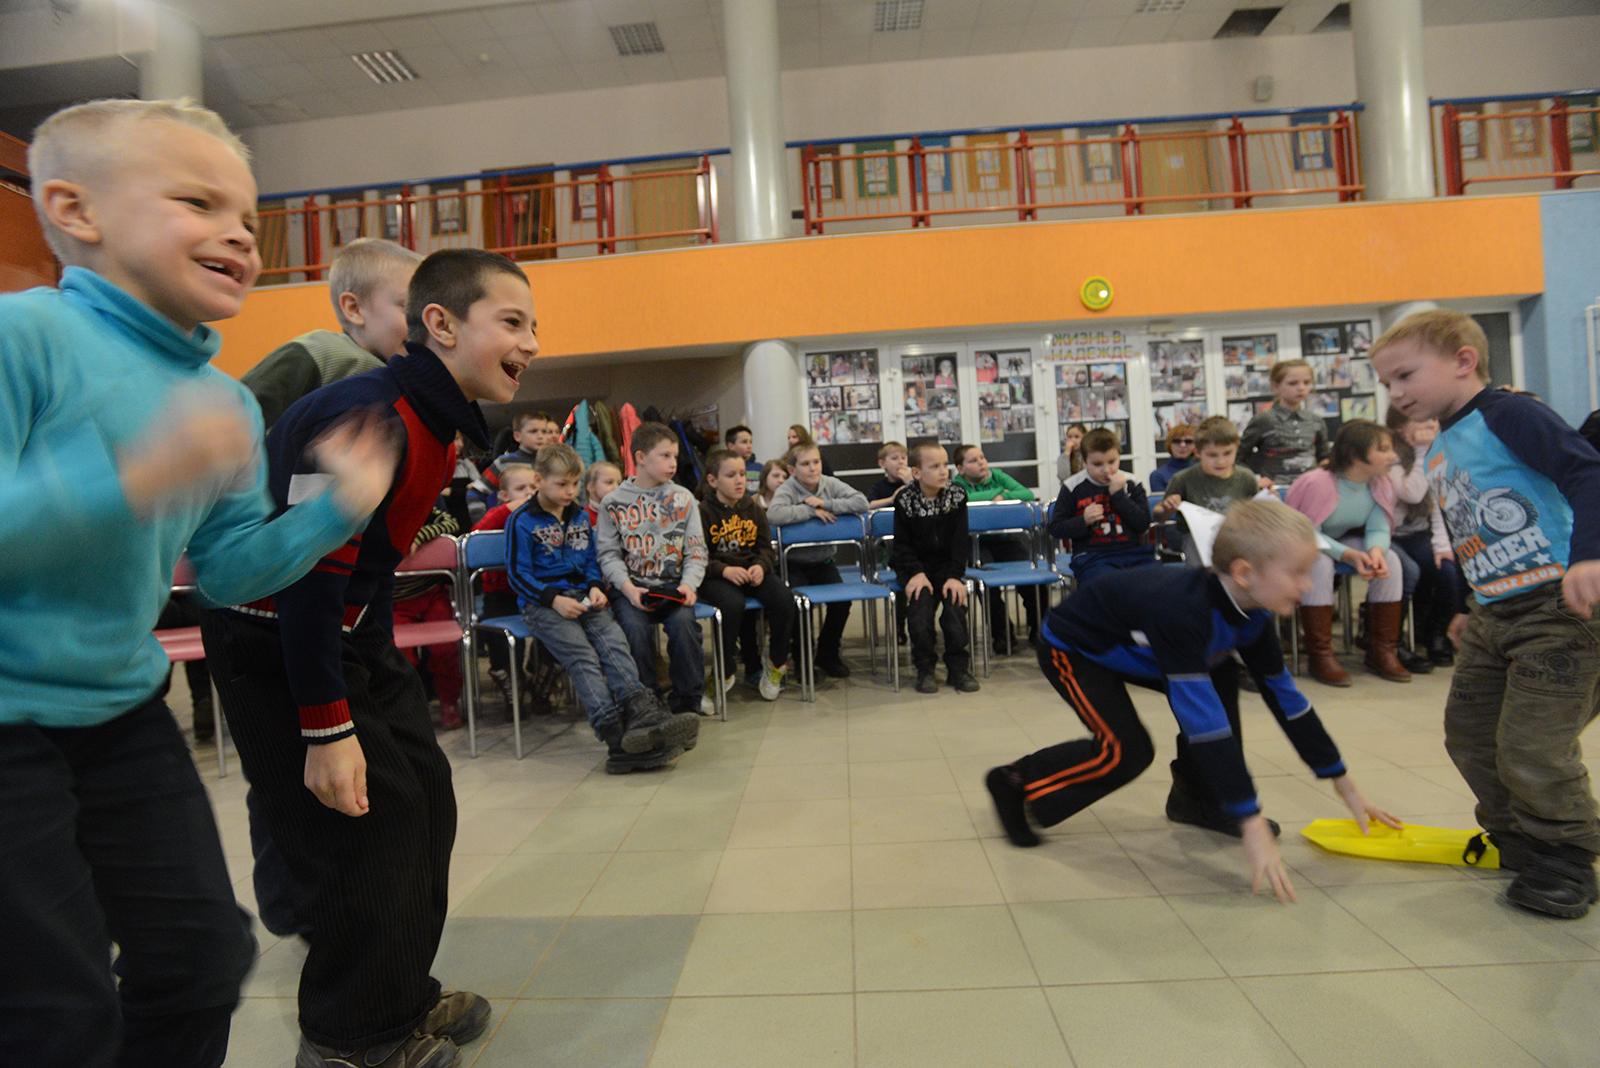 文化センターでは様々なゲームがこどもために開催される。